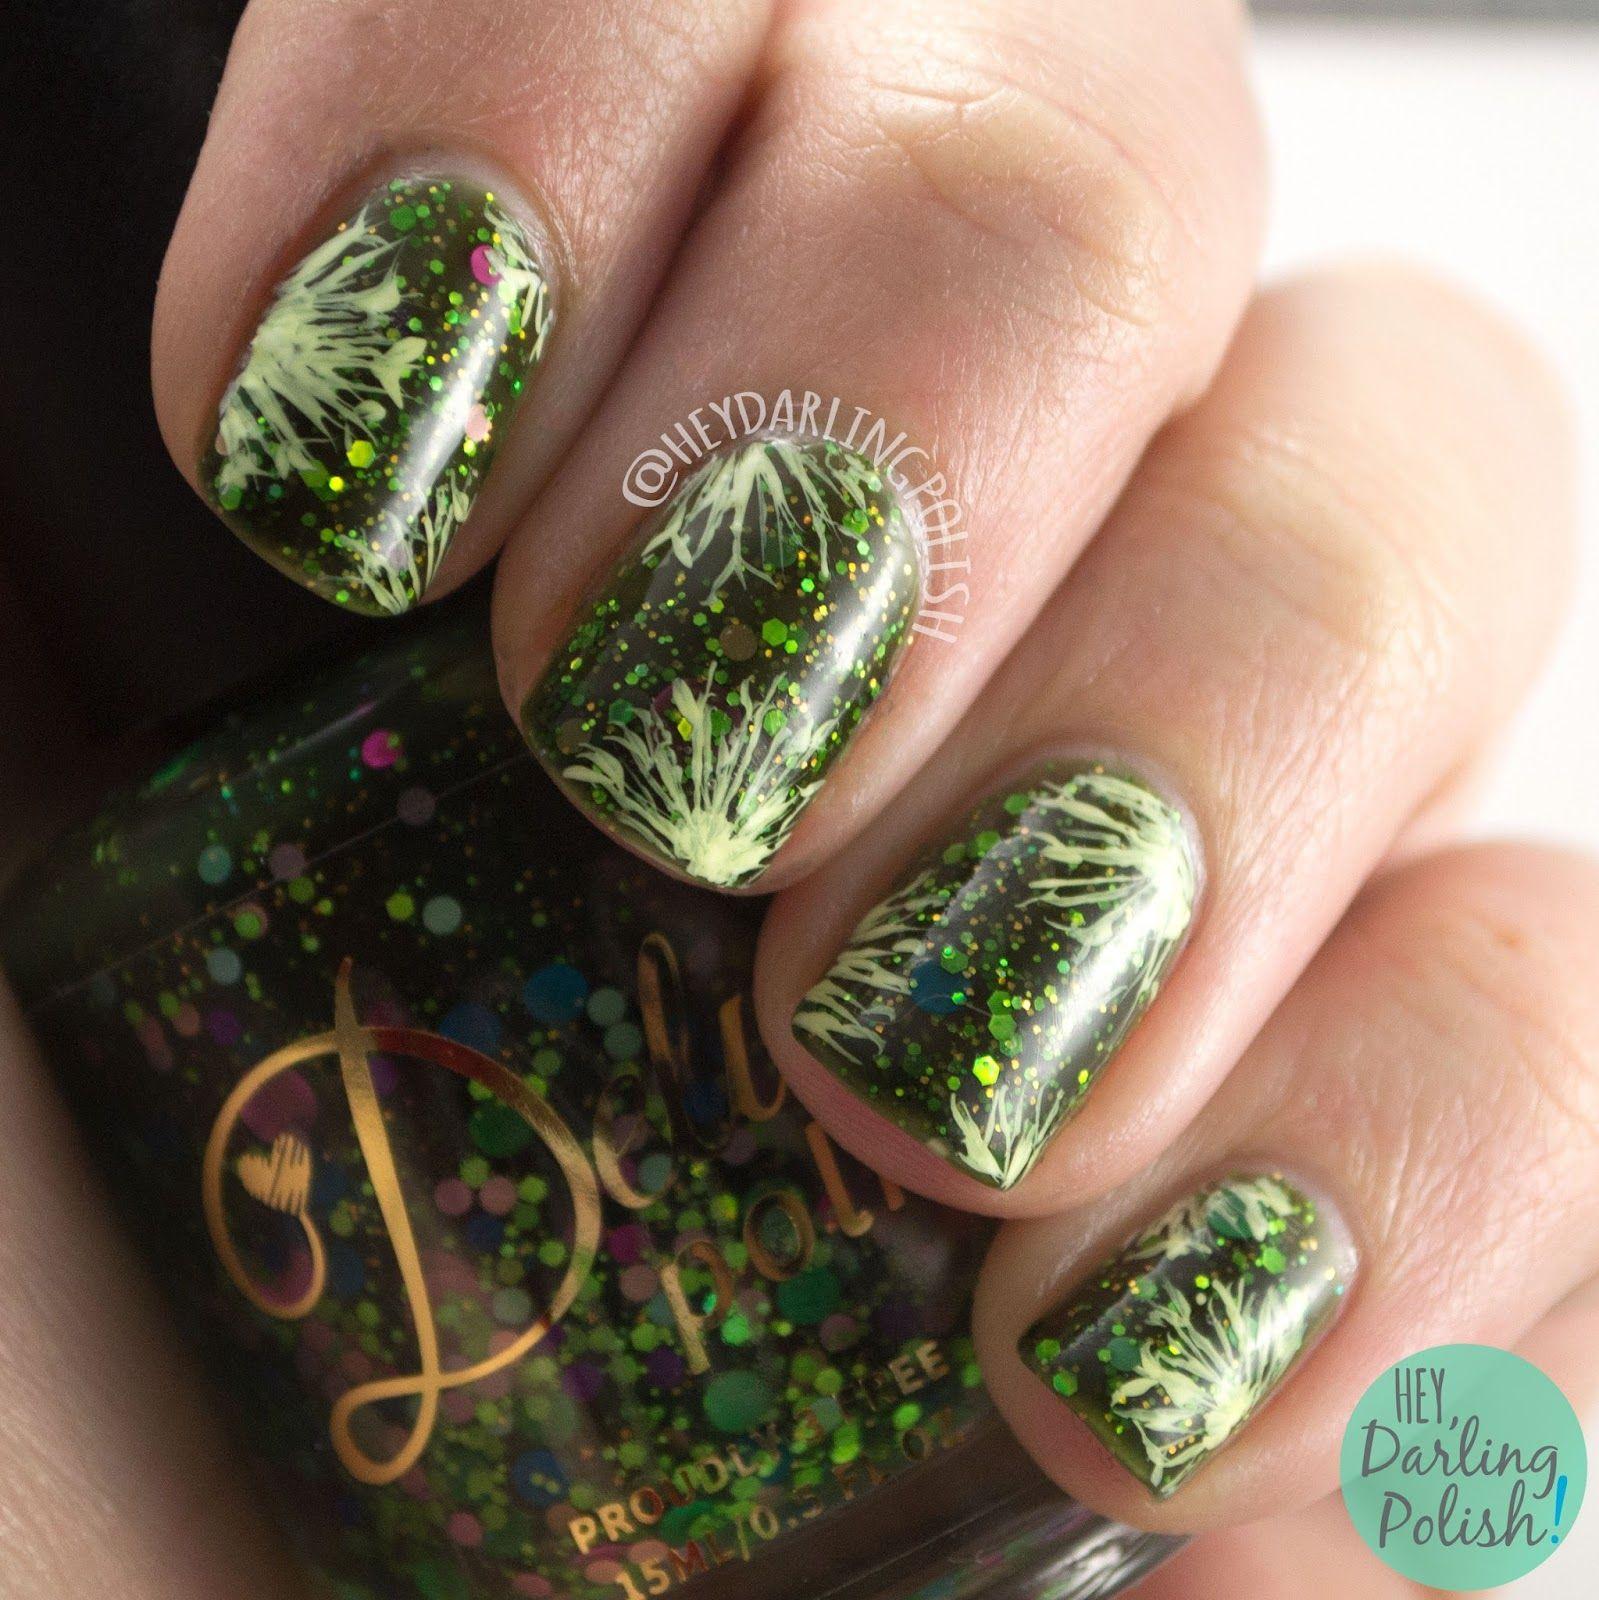 Hey darling polish day challenge green base repin nail